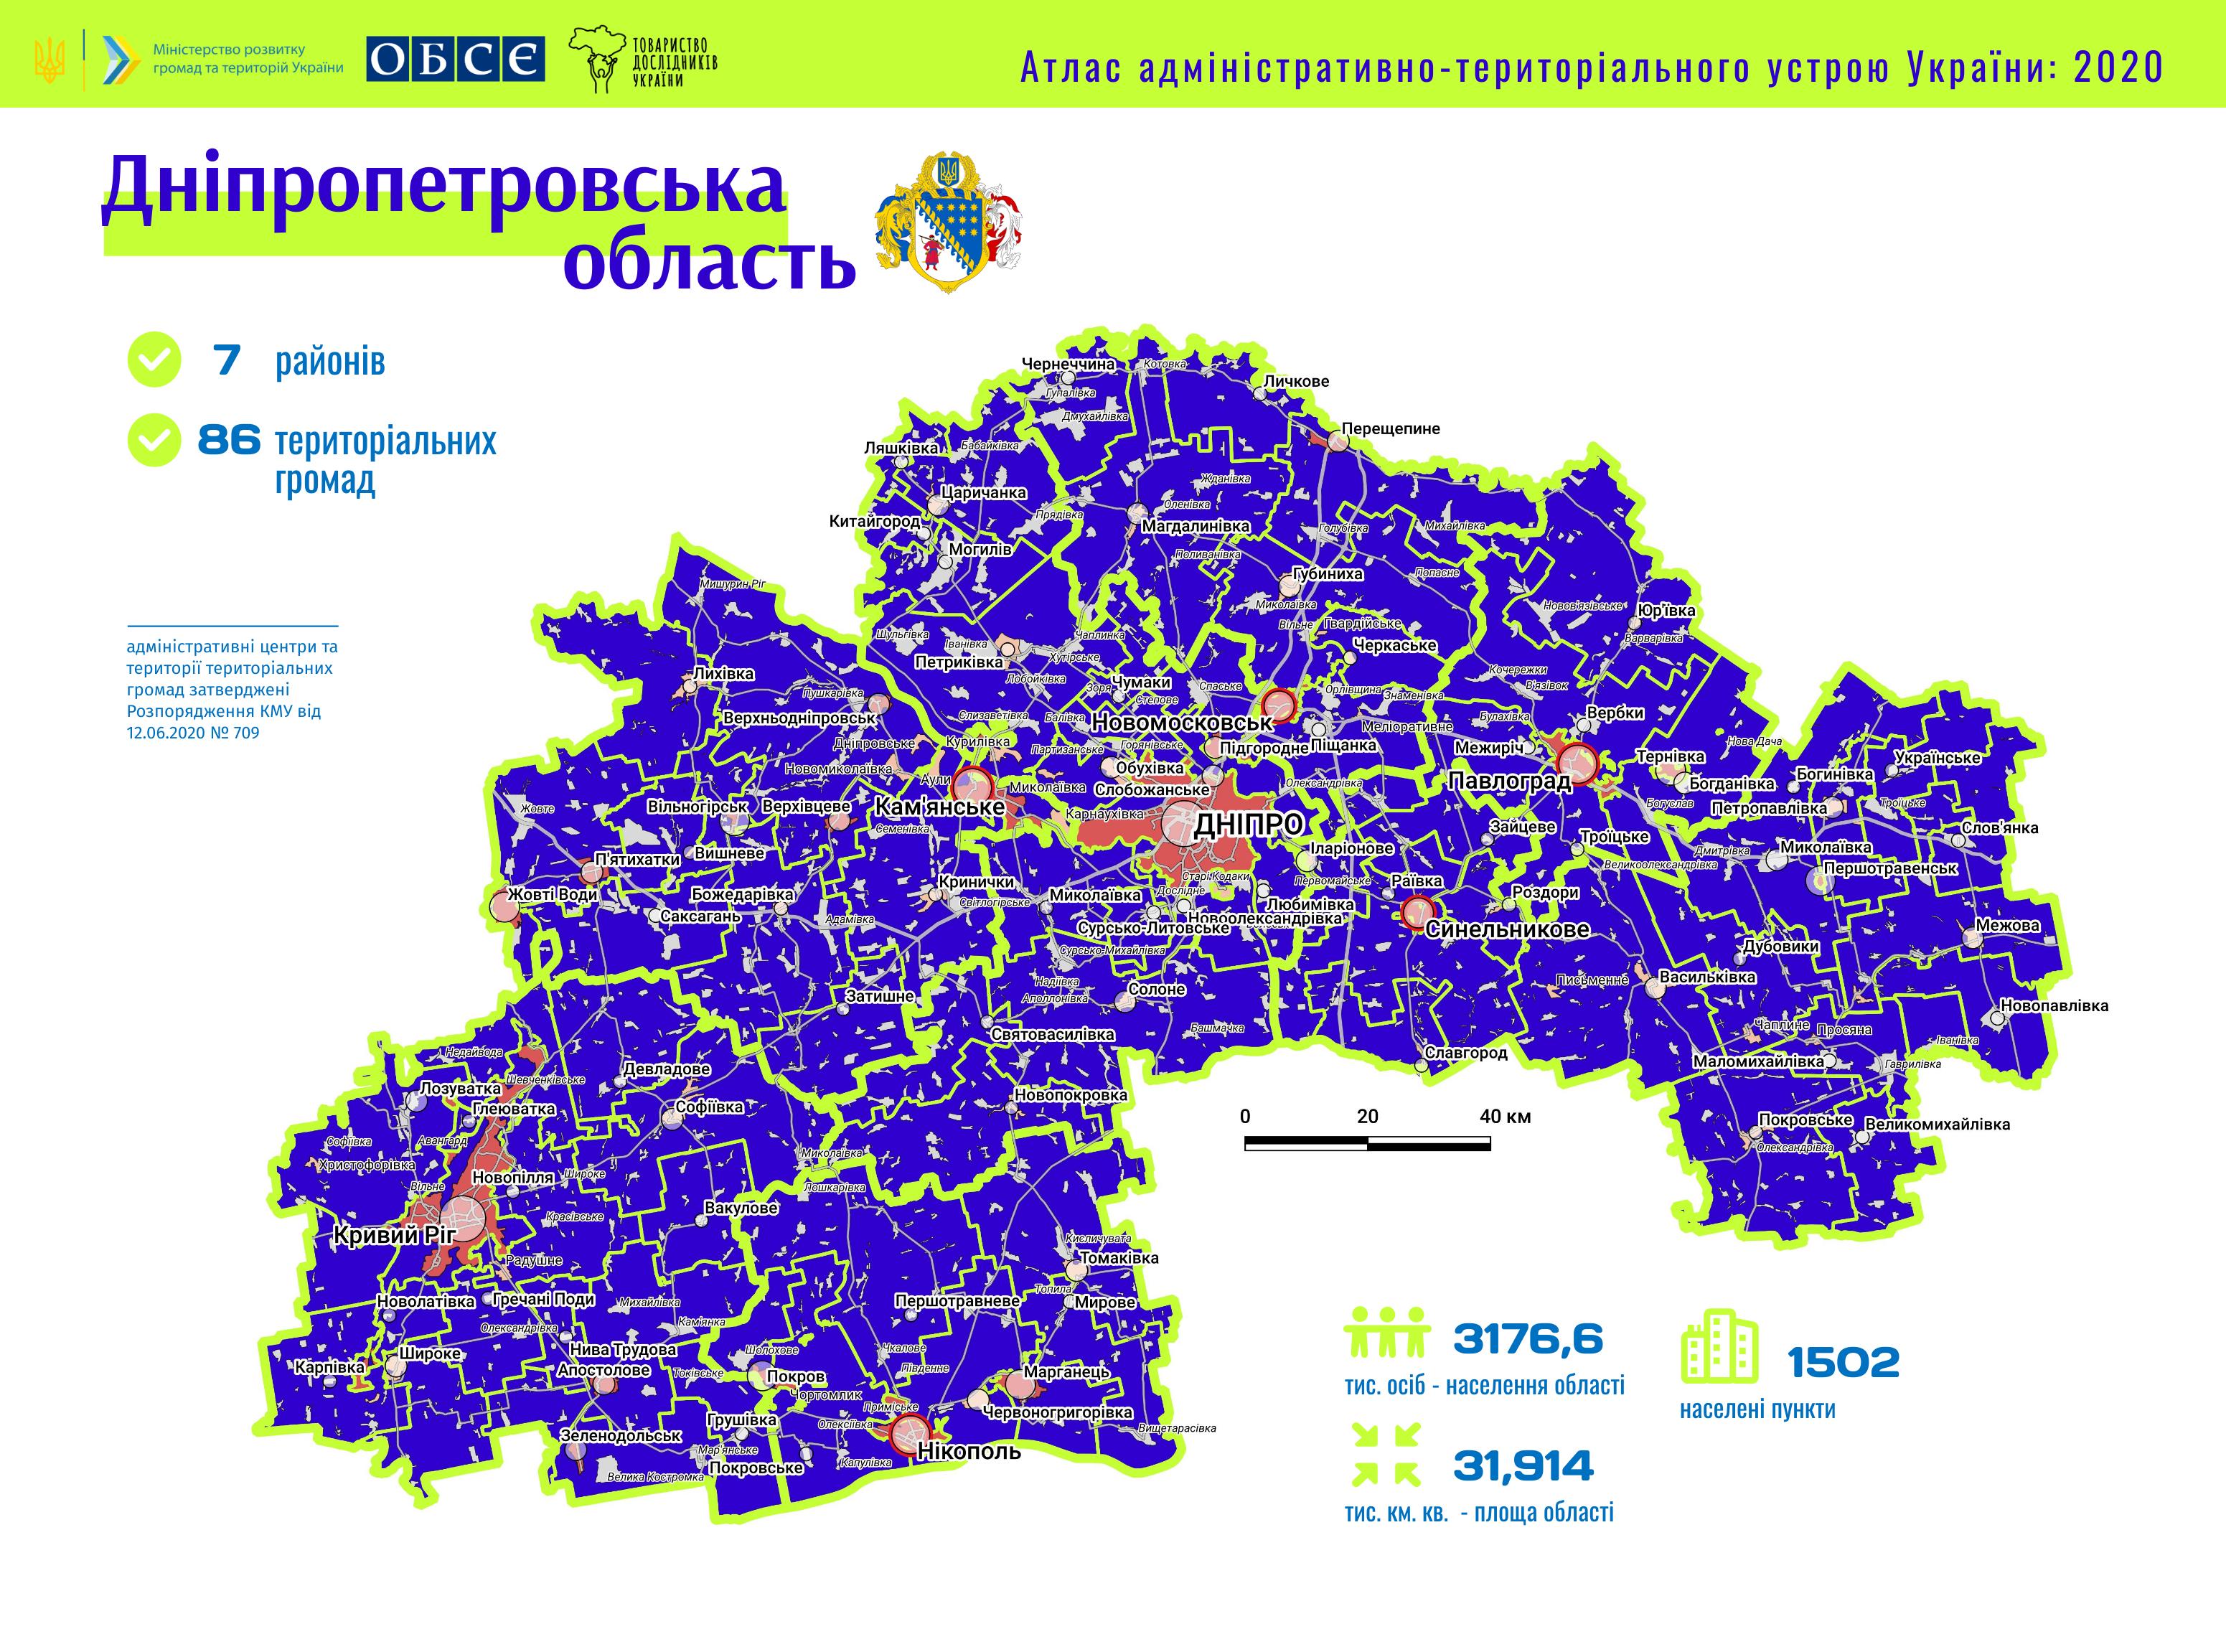 Новое деление Днепропетровской области / фото: atu.decentralization.gov.ua